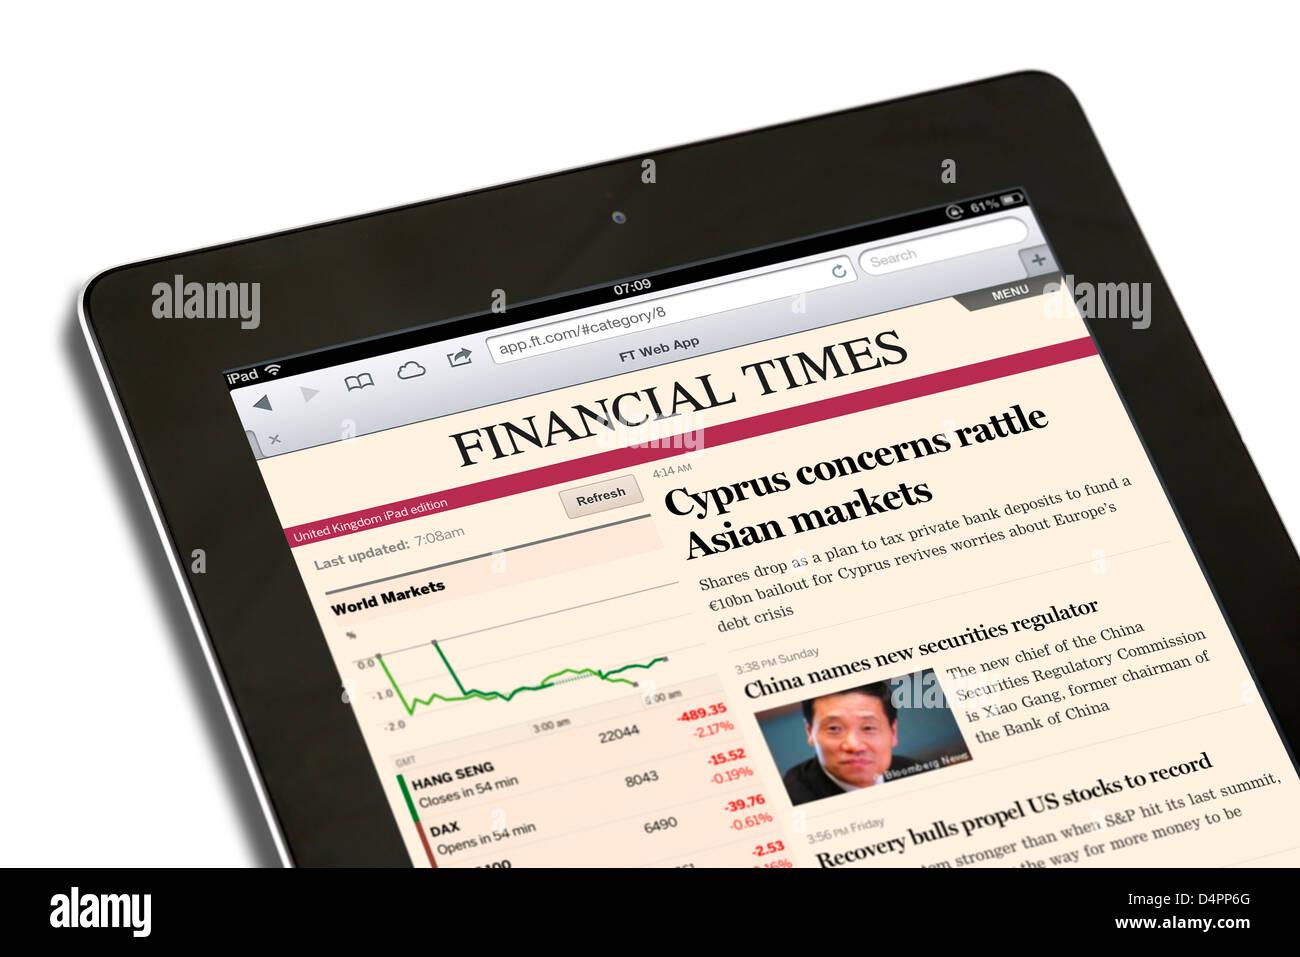 La lecture de l'iPad app web édition du journal Financial Times sur un iPad 4e génération, UK Photo Stock